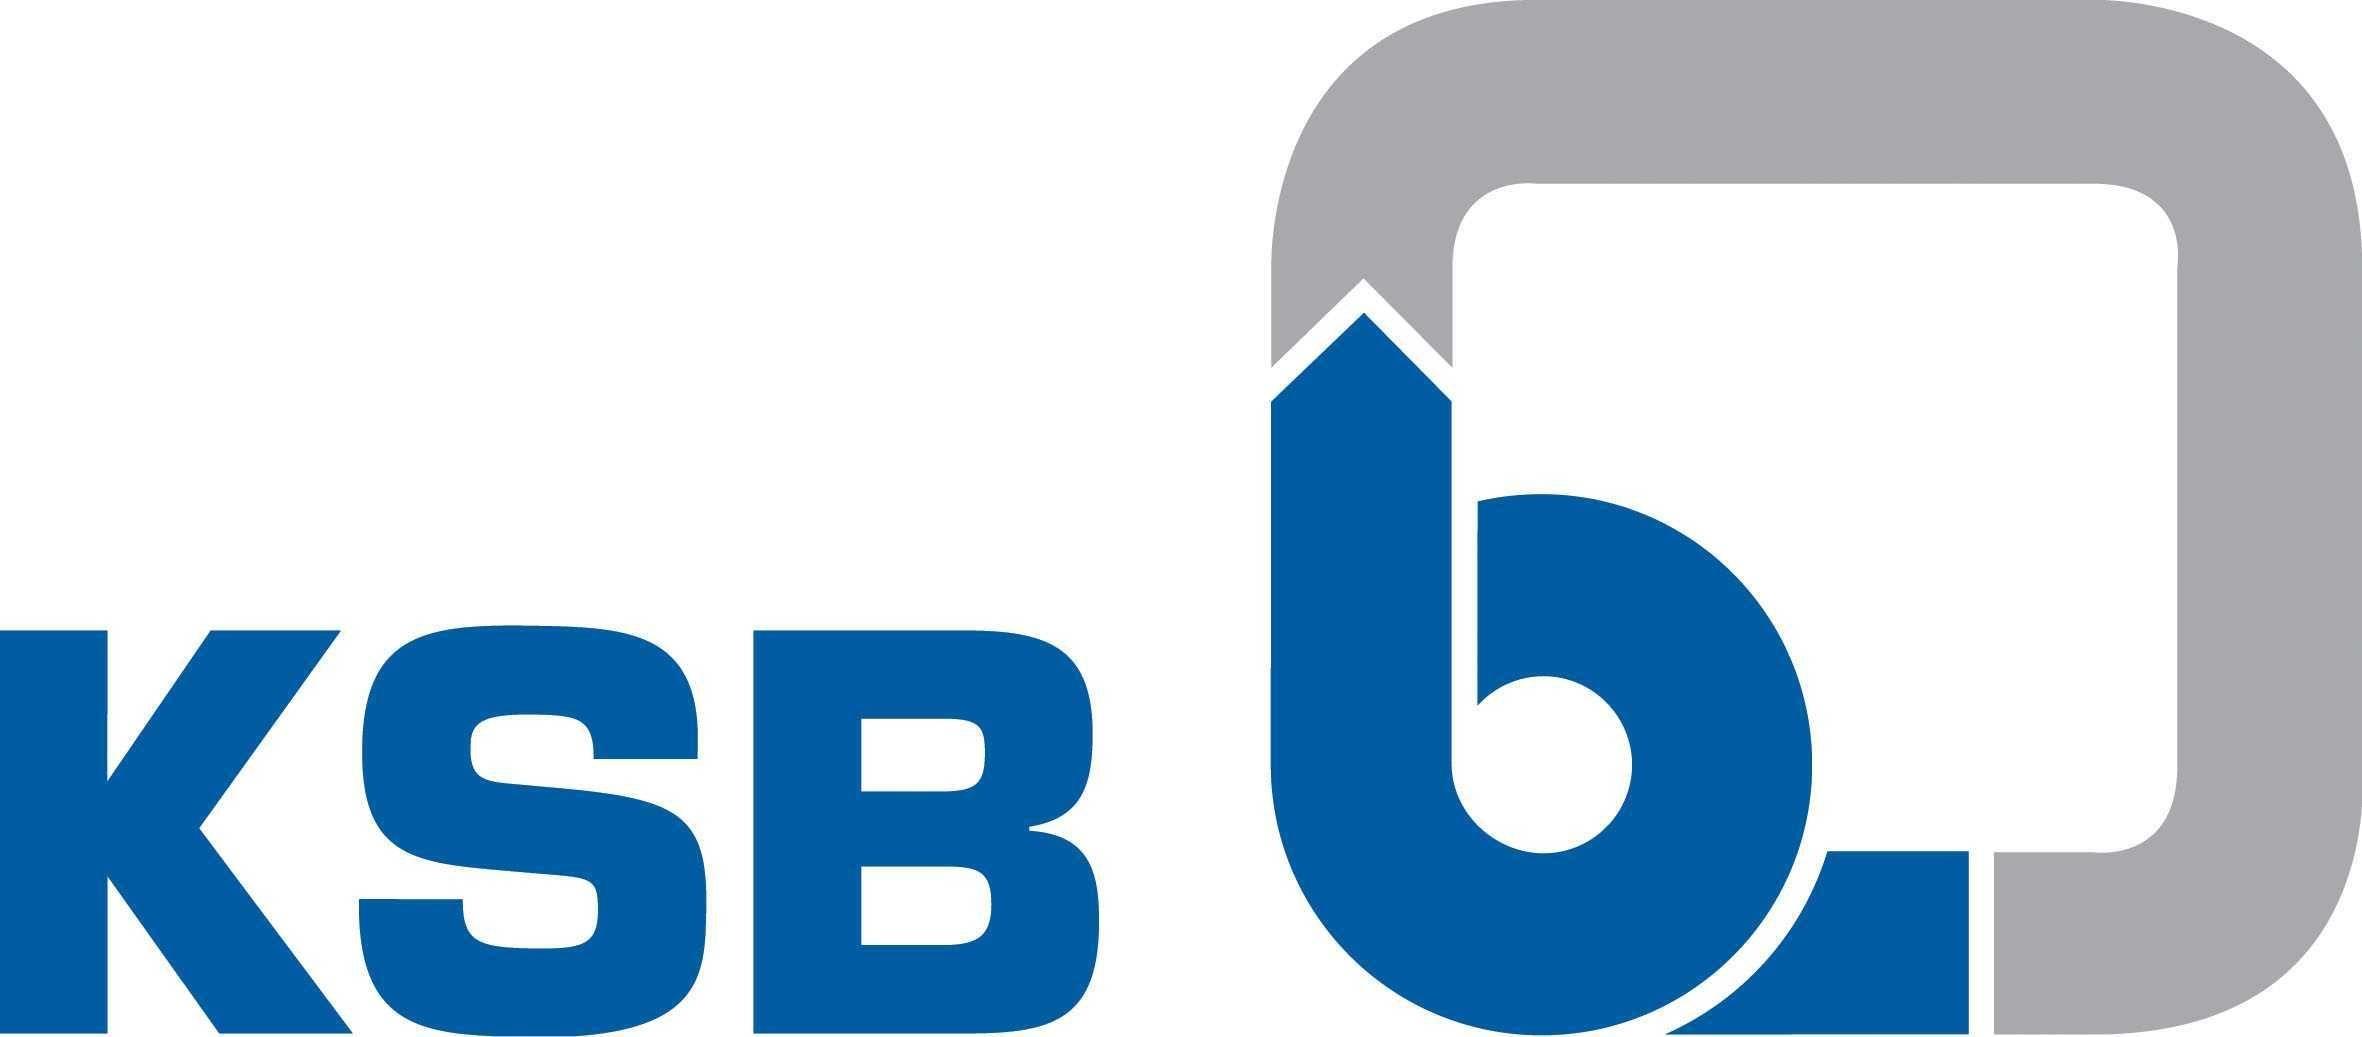 Medianetwork PHD holt weltweiten B2B-Etat von KSB